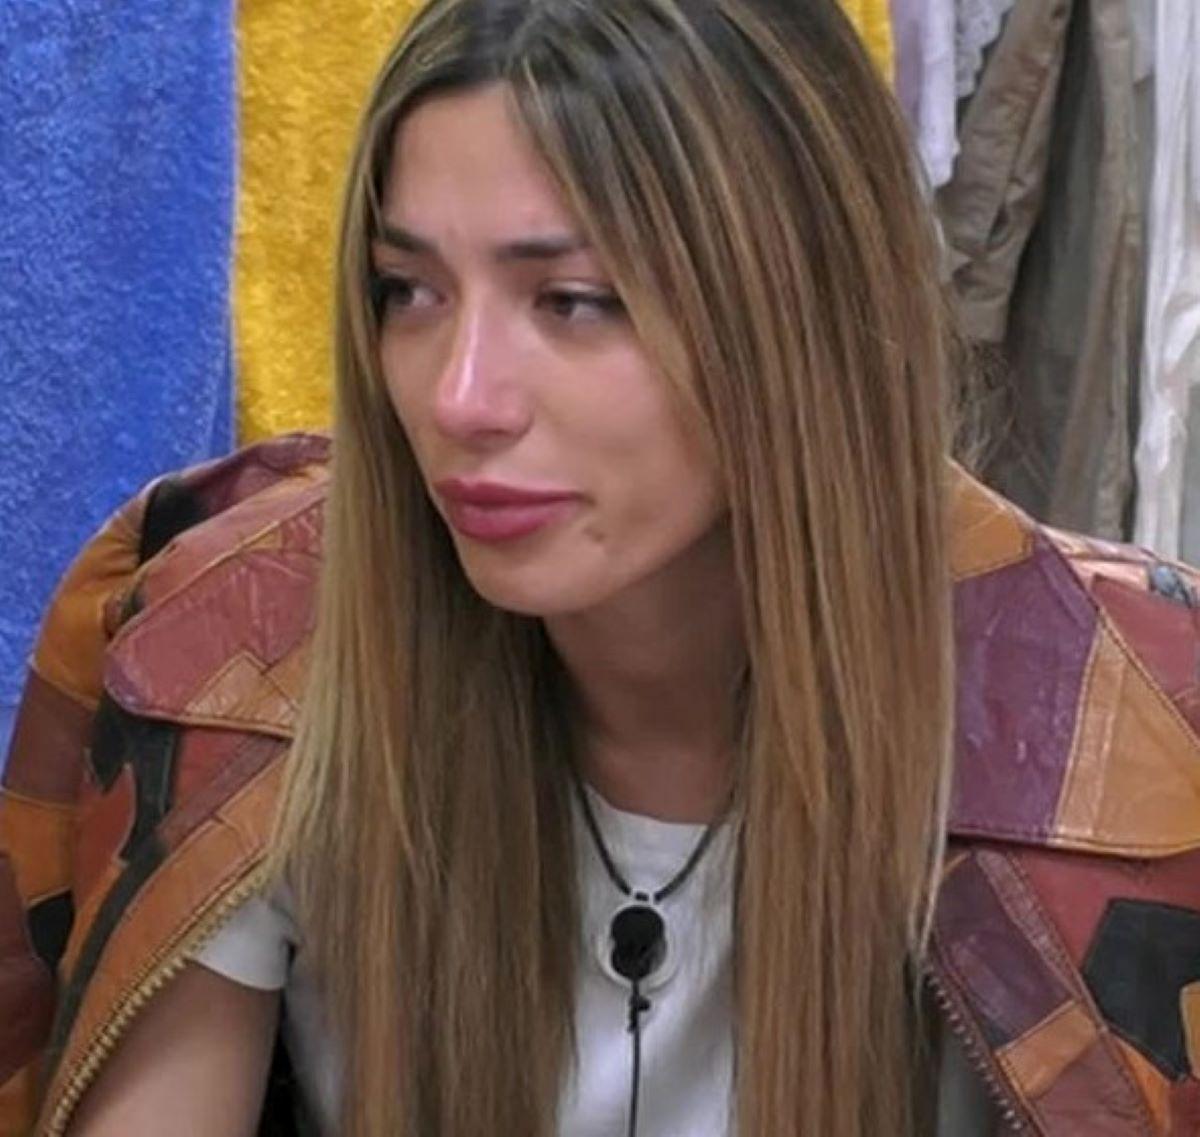 Soleil Sorge Imitazione GF Vip 6 Valentina Nulli Augusti Rapporto Sessuale Polemiche